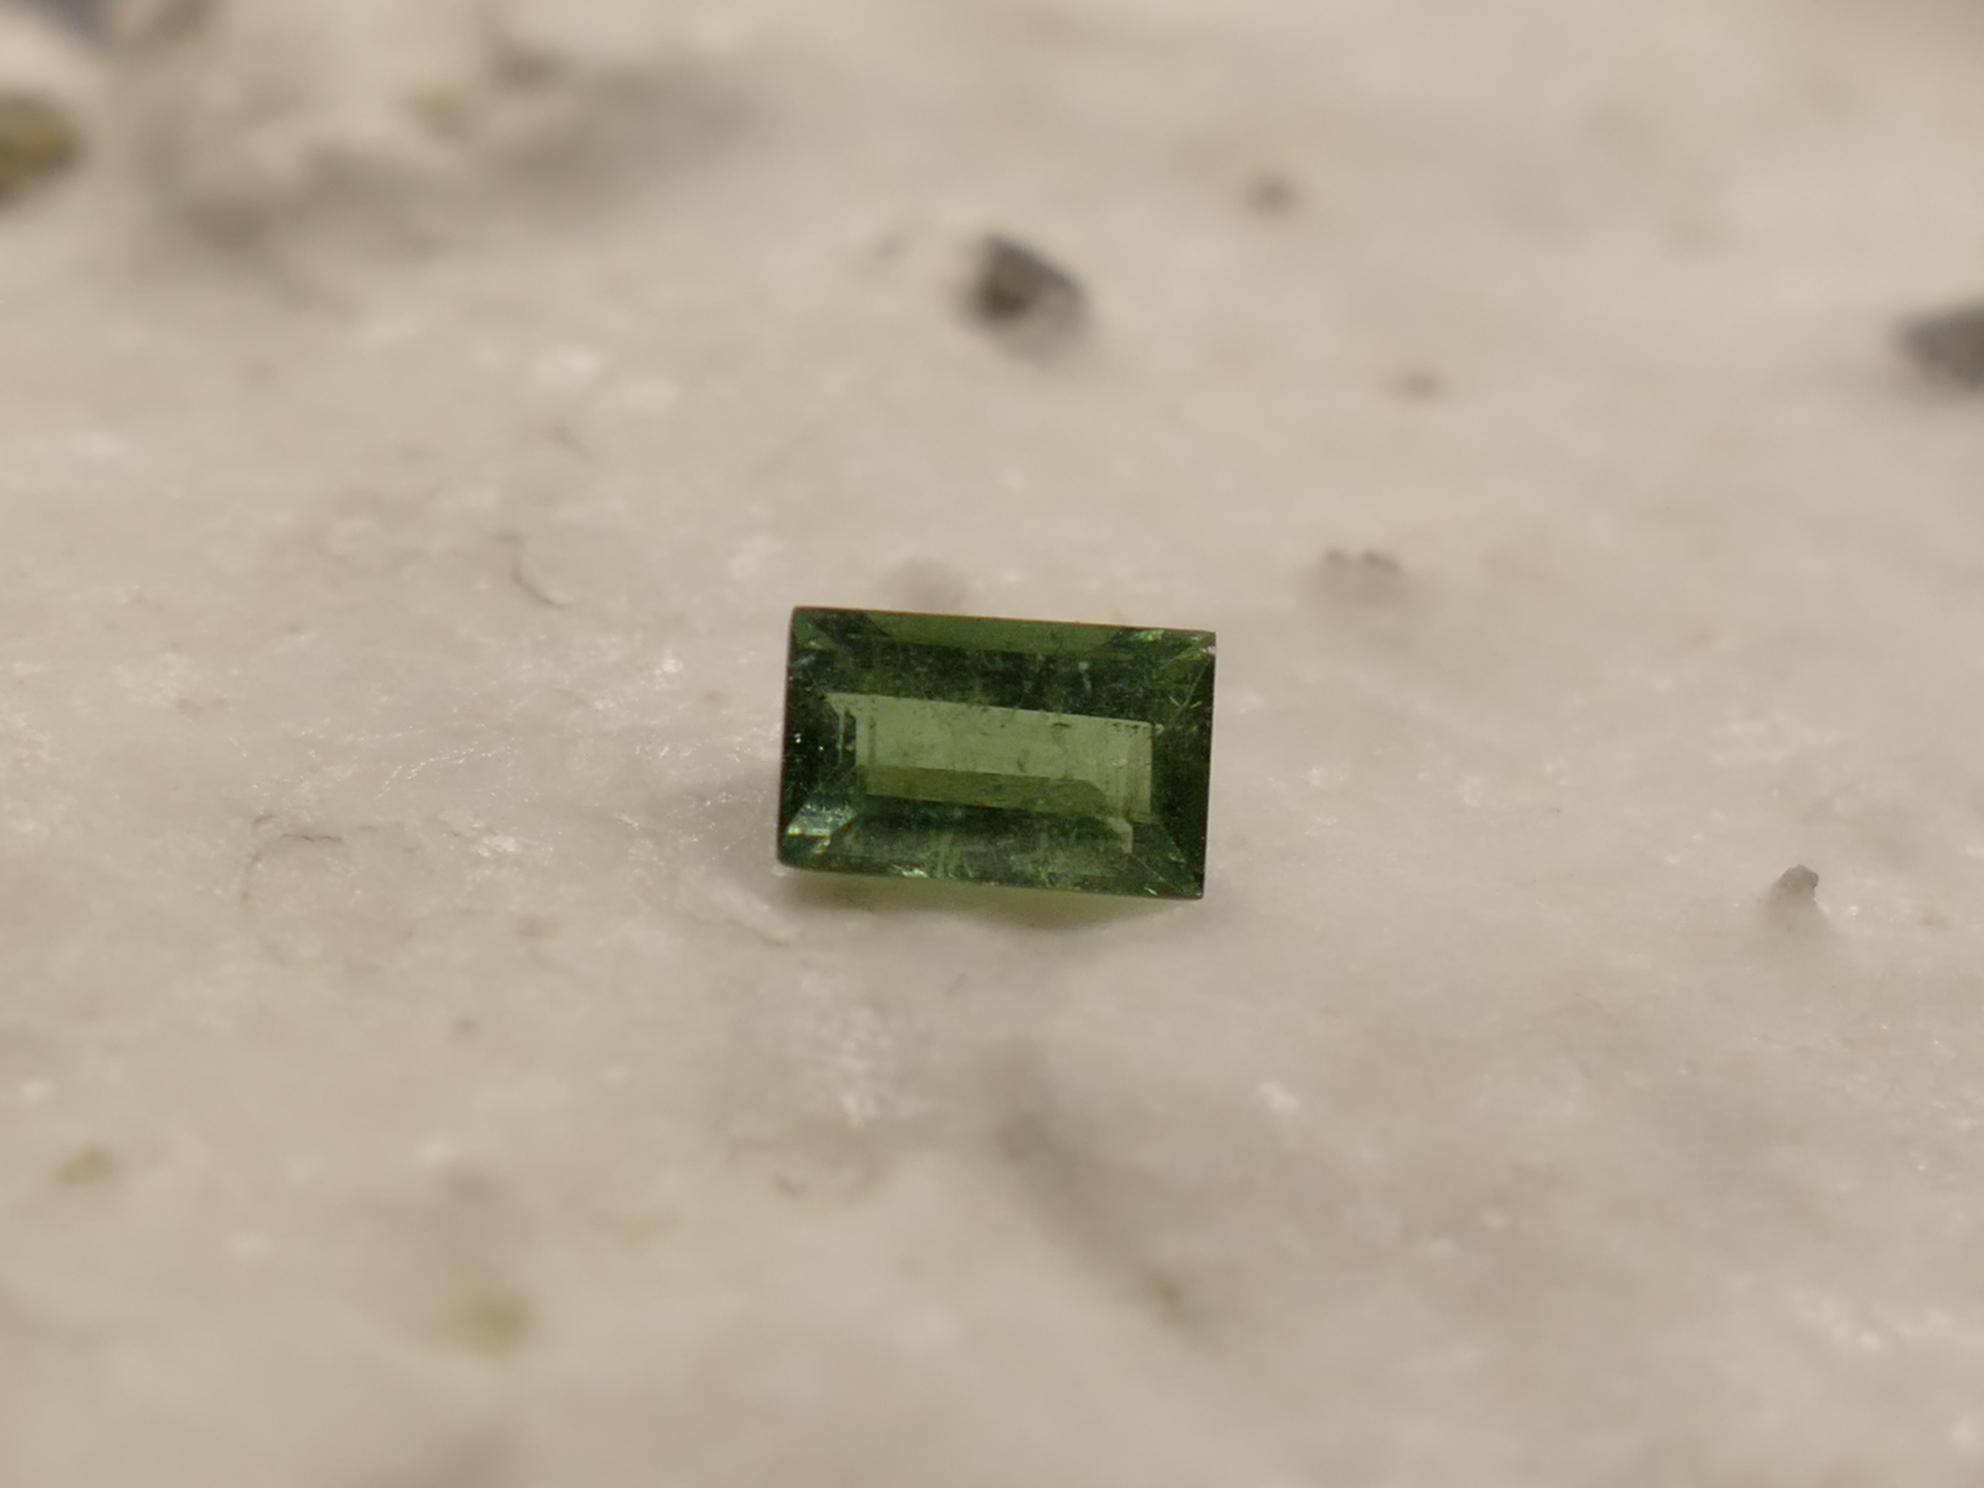 5.5x3.5mm Tourmaline naturelle verte Verdelite 0.44ct facettée en baguette du Brésil (#PB267)